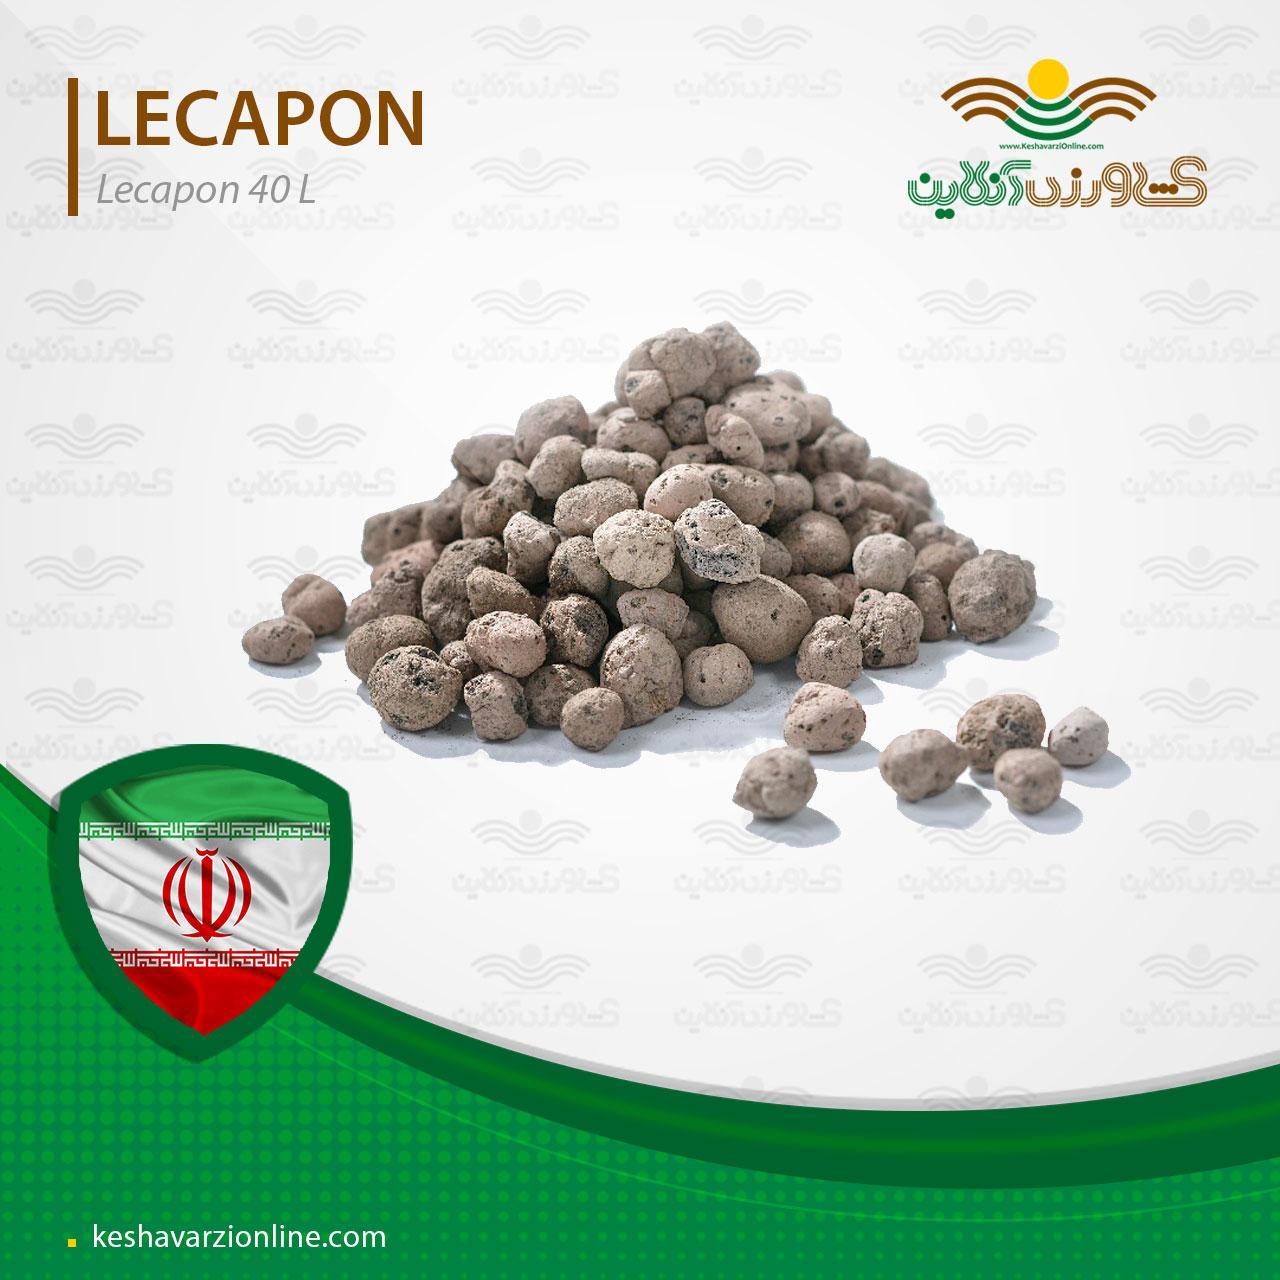 لیکا دانه درشت و کاربرد لیکاپون در هیدروپونیک و کشاورزی